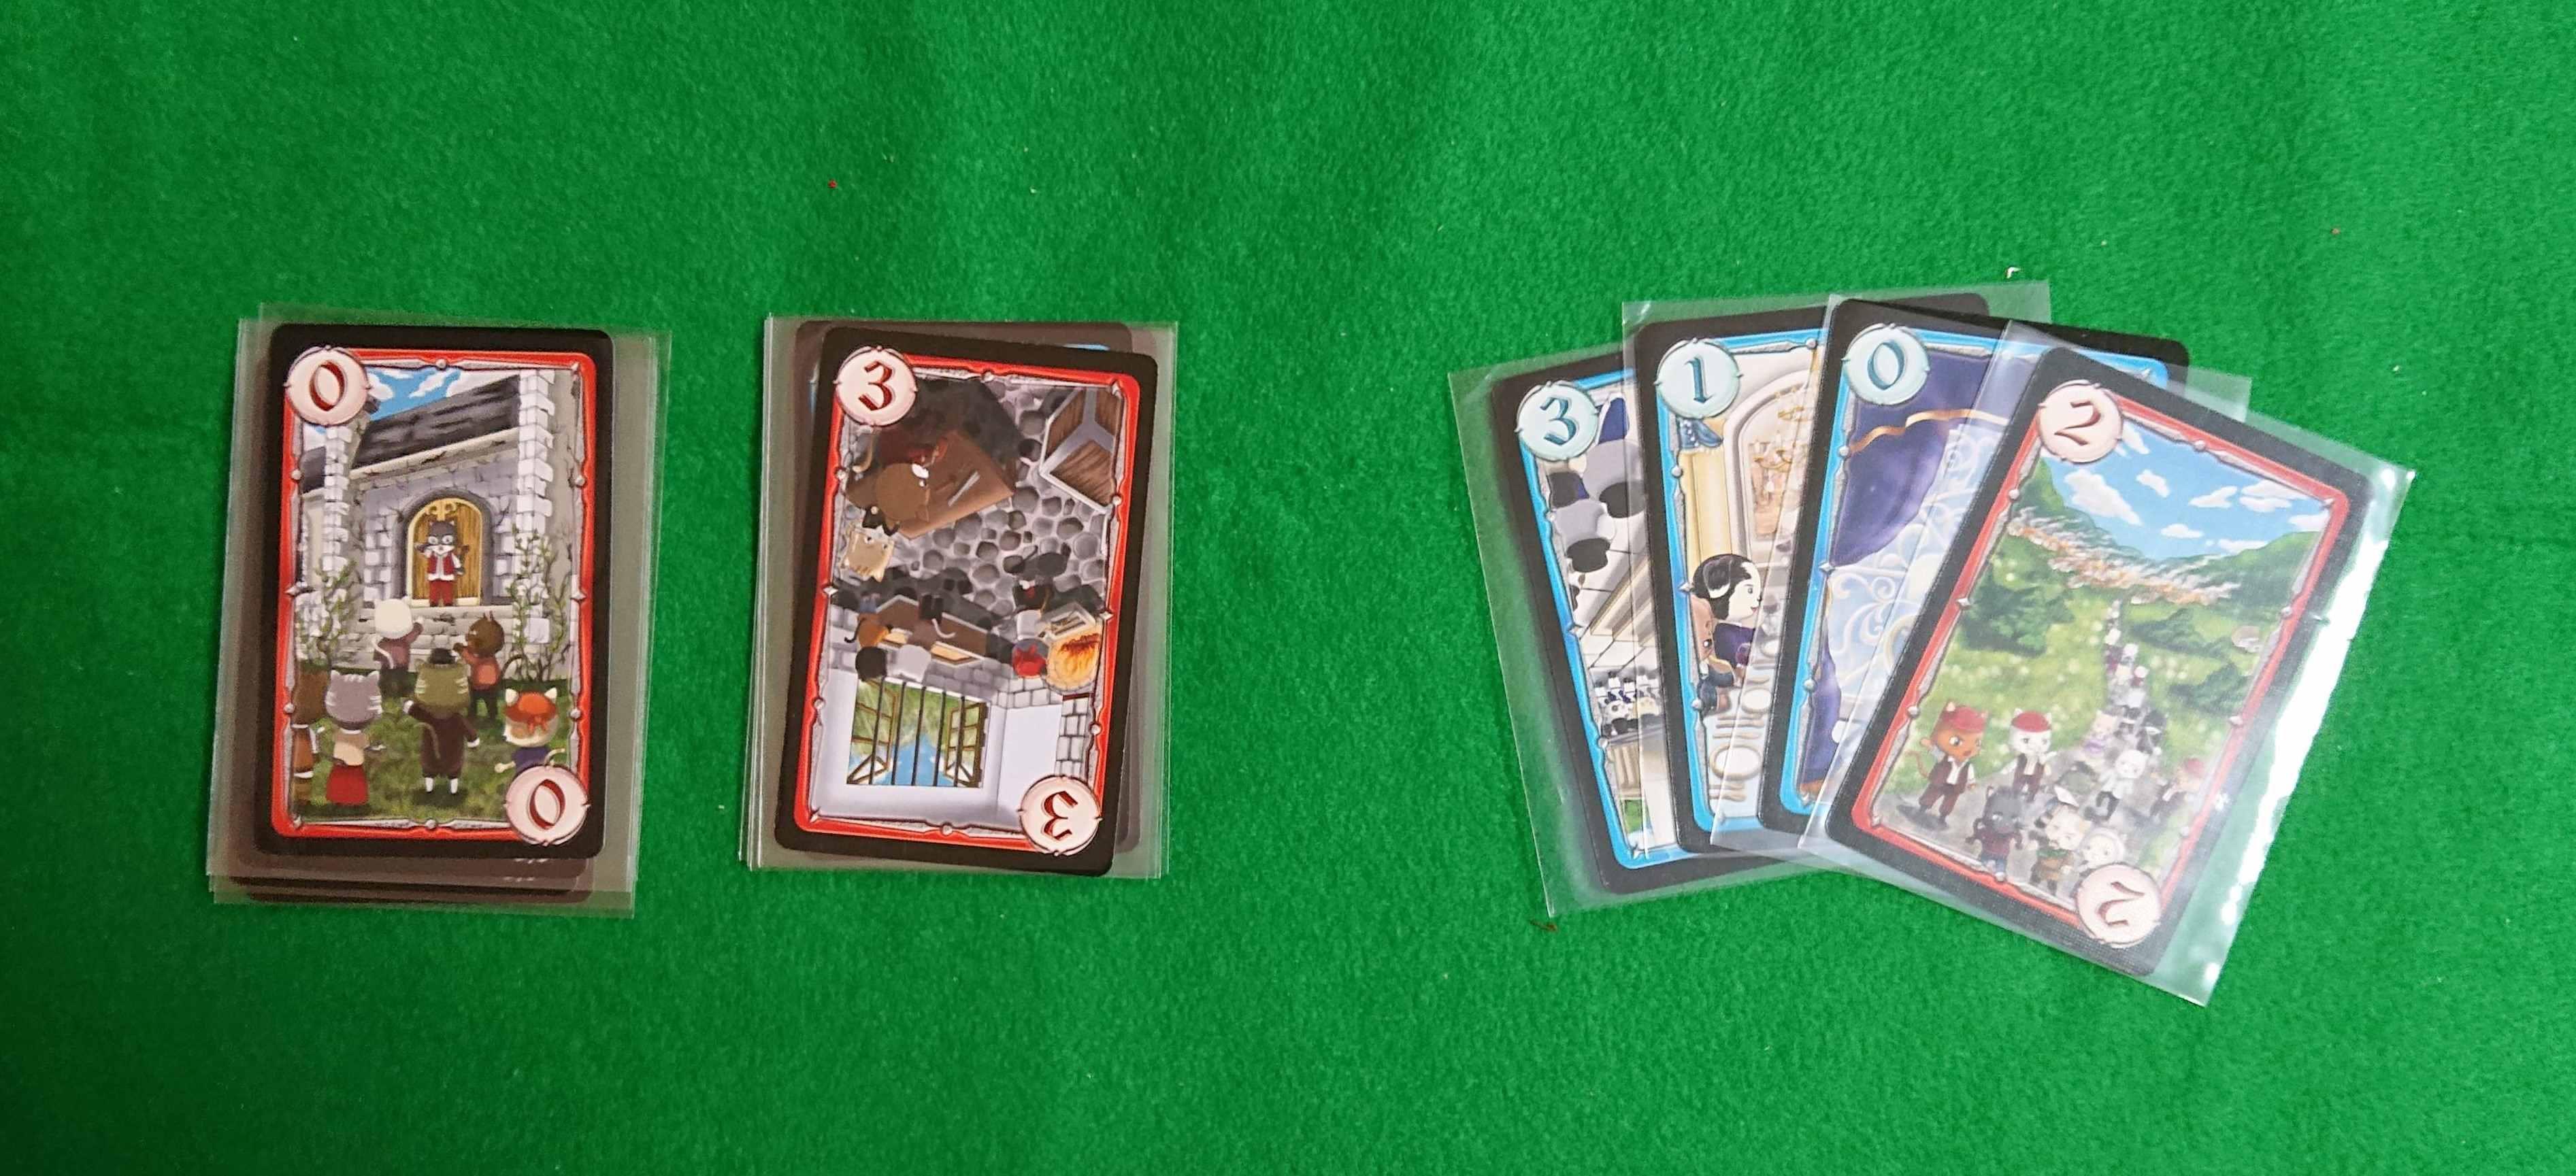 革命万歳 トリックテイク系カードゲーム 革命派・王宮派あなたはどっちにつく? ルール説明 ボードゲーム